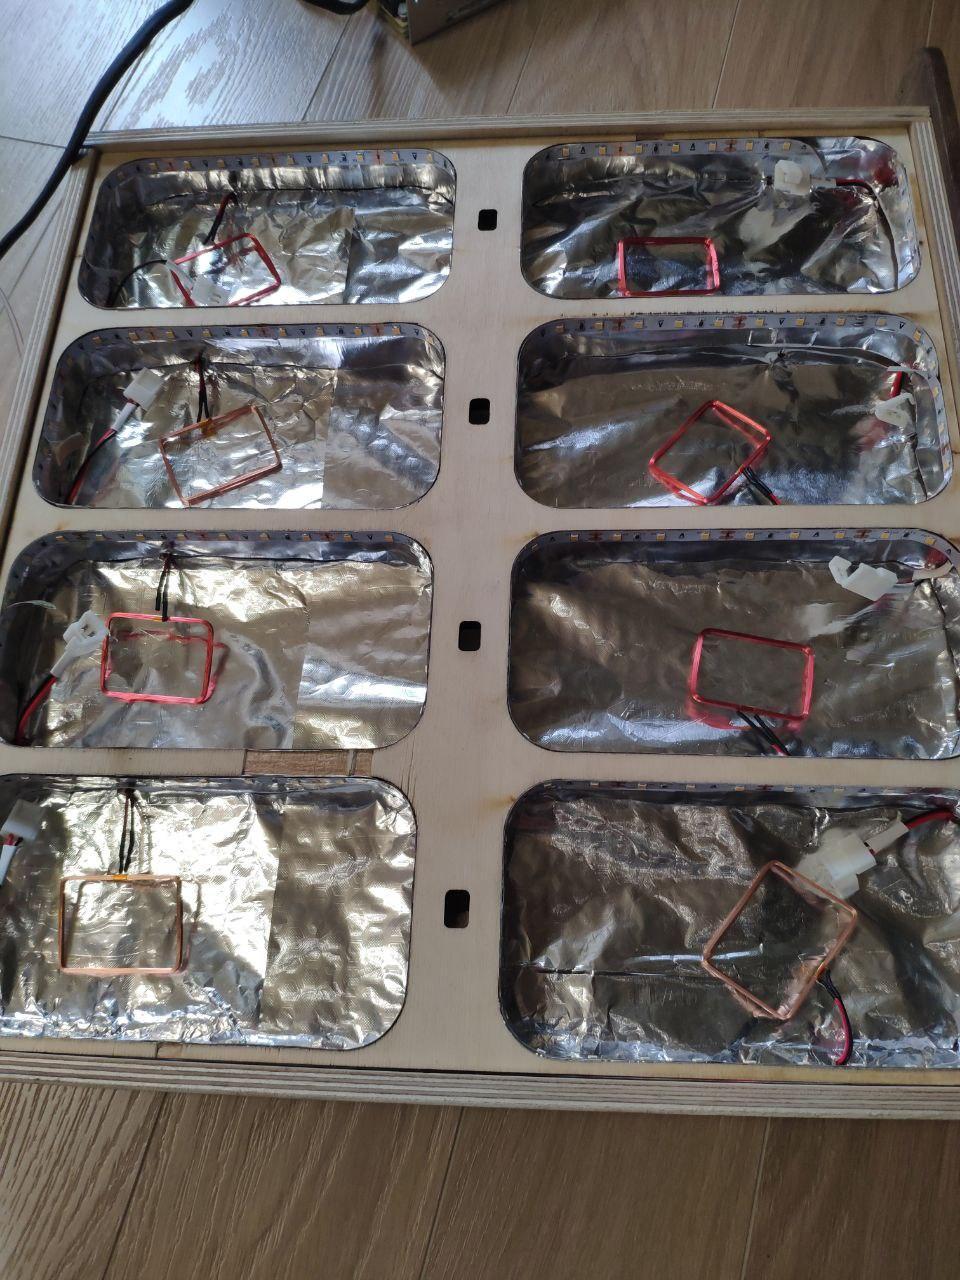 Умный стенд со смартфонами для тестировщиков — проект стартапа из акселератора Университета ИТМО - 4